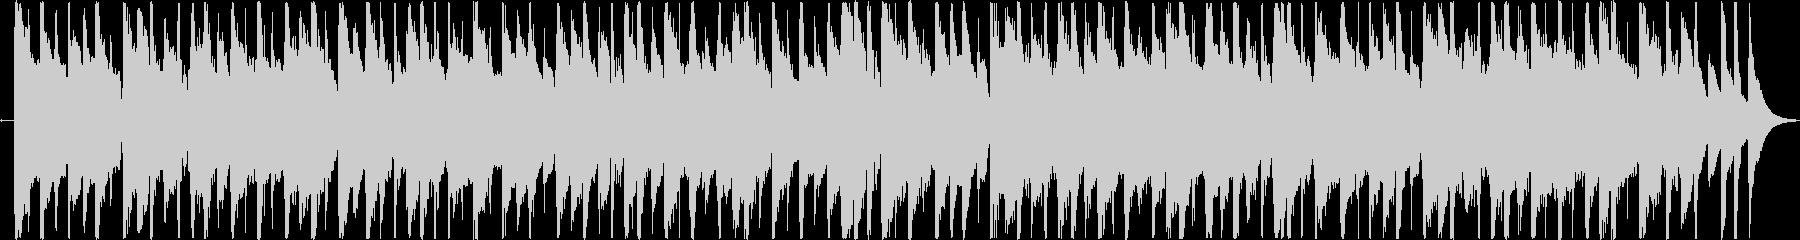 楽しくコミカルなBGM(30ver)の未再生の波形